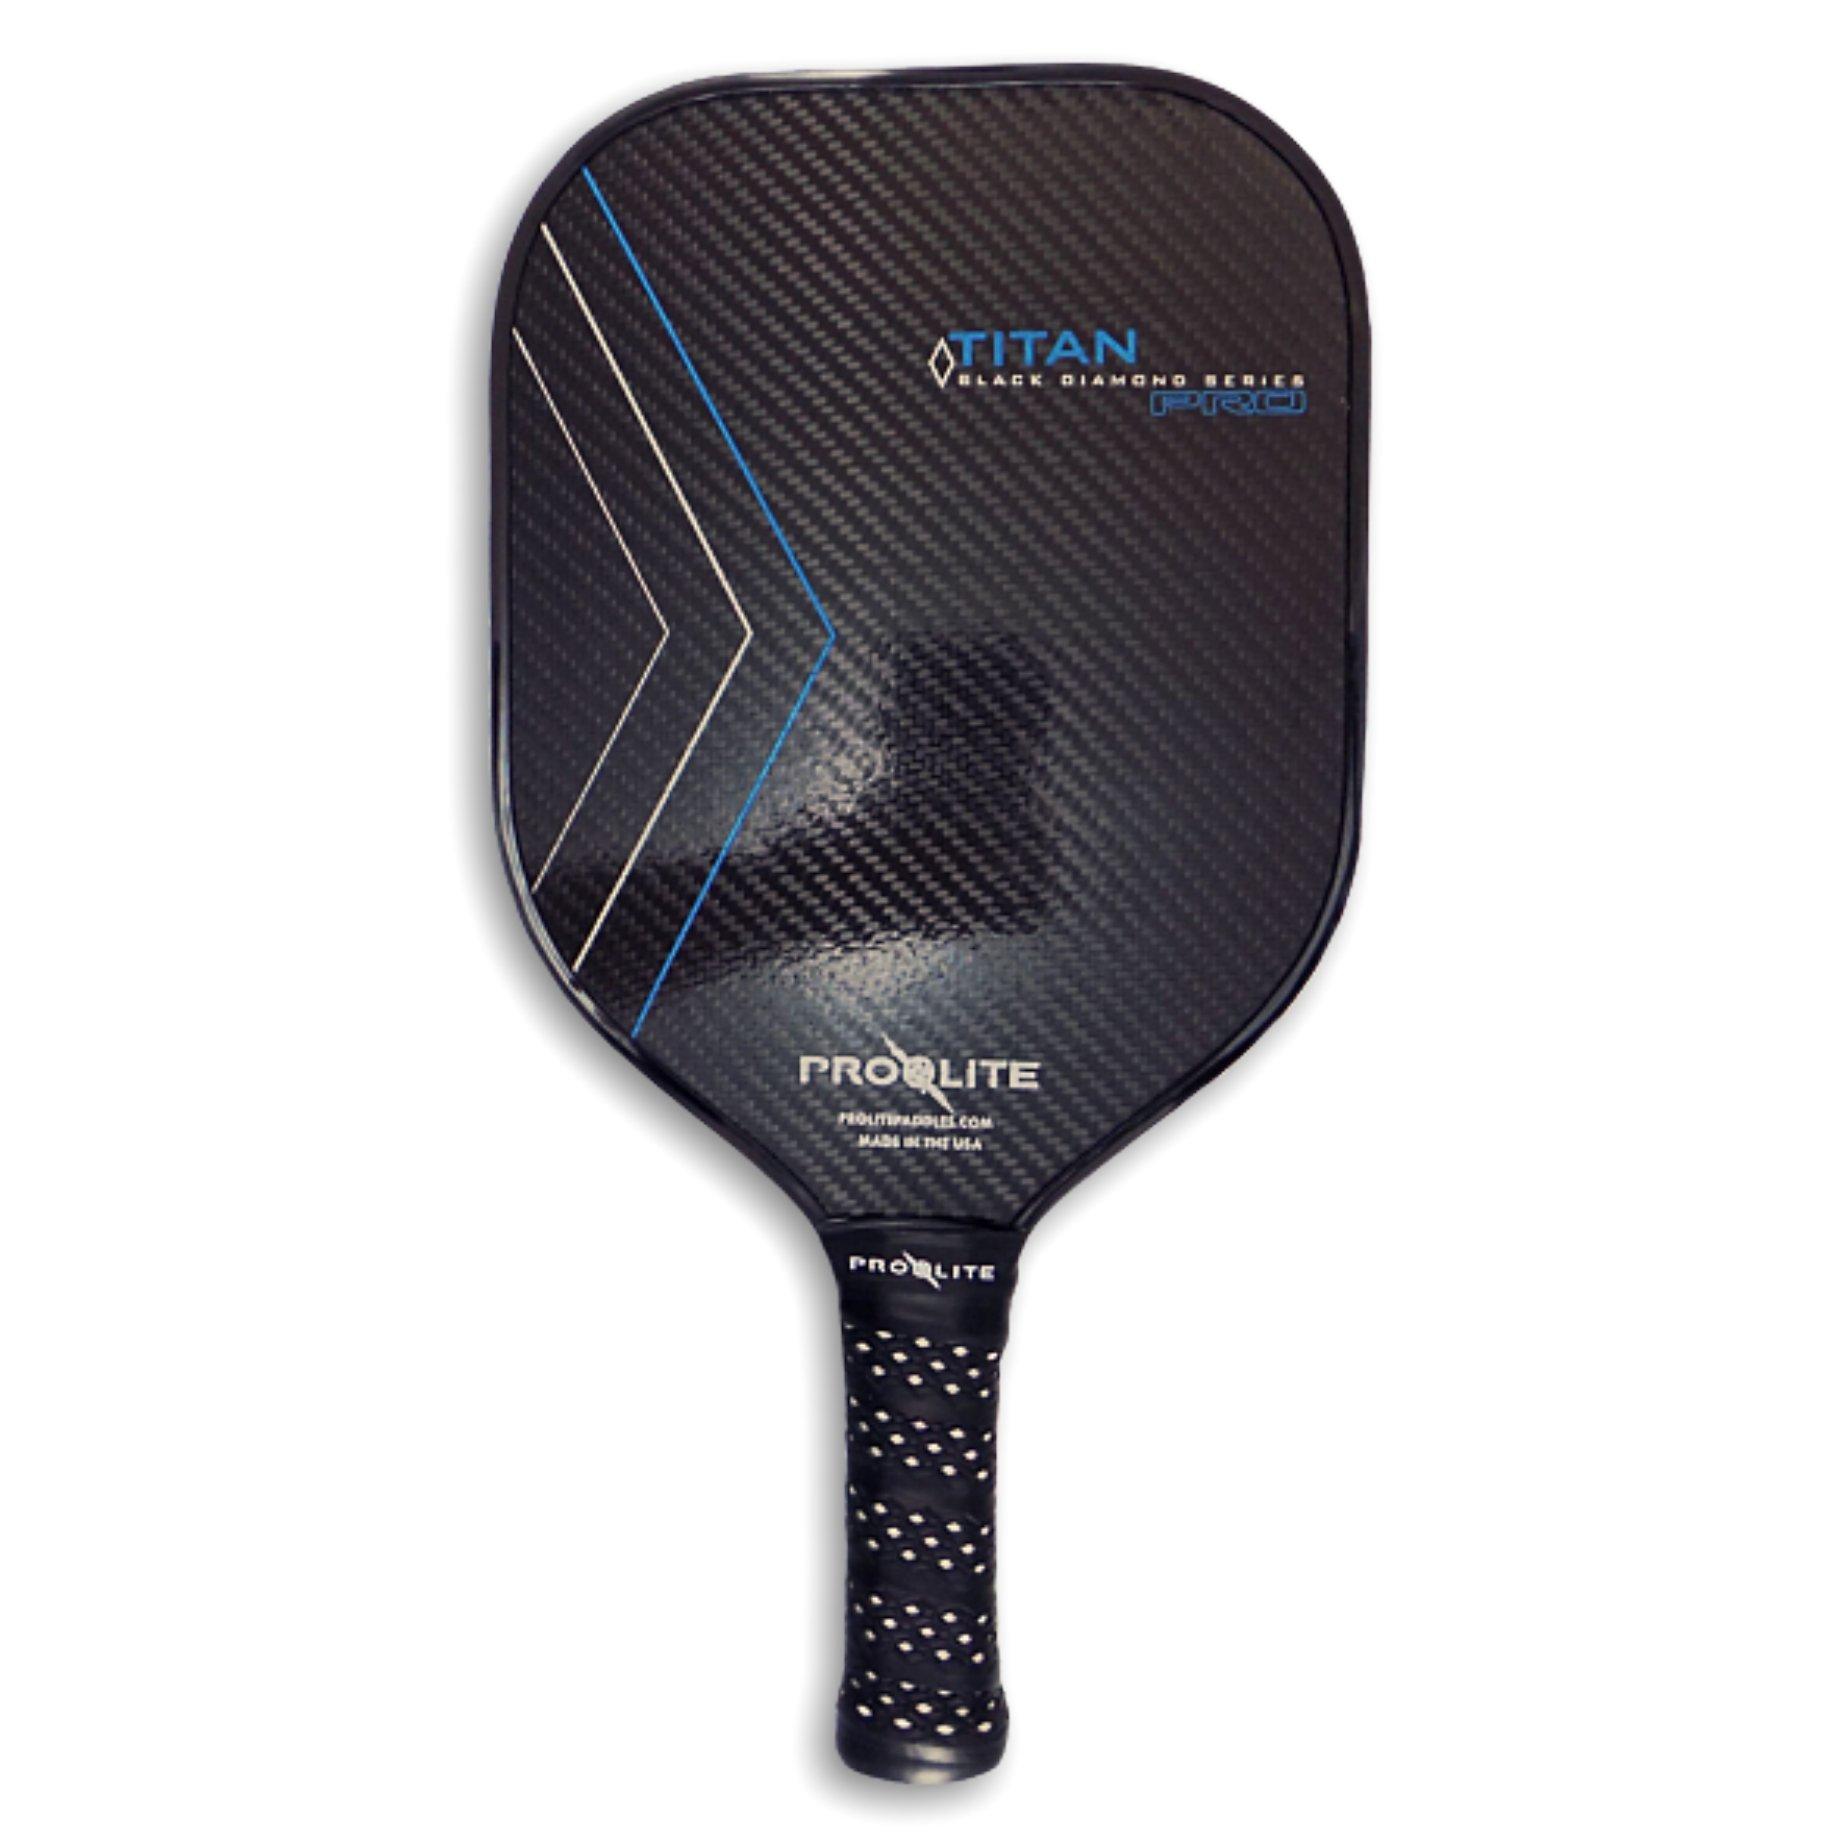 ProLite TITAN Pro - Black Diamond Series - Royal Blue Pickleball Paddle by Pro-Lite